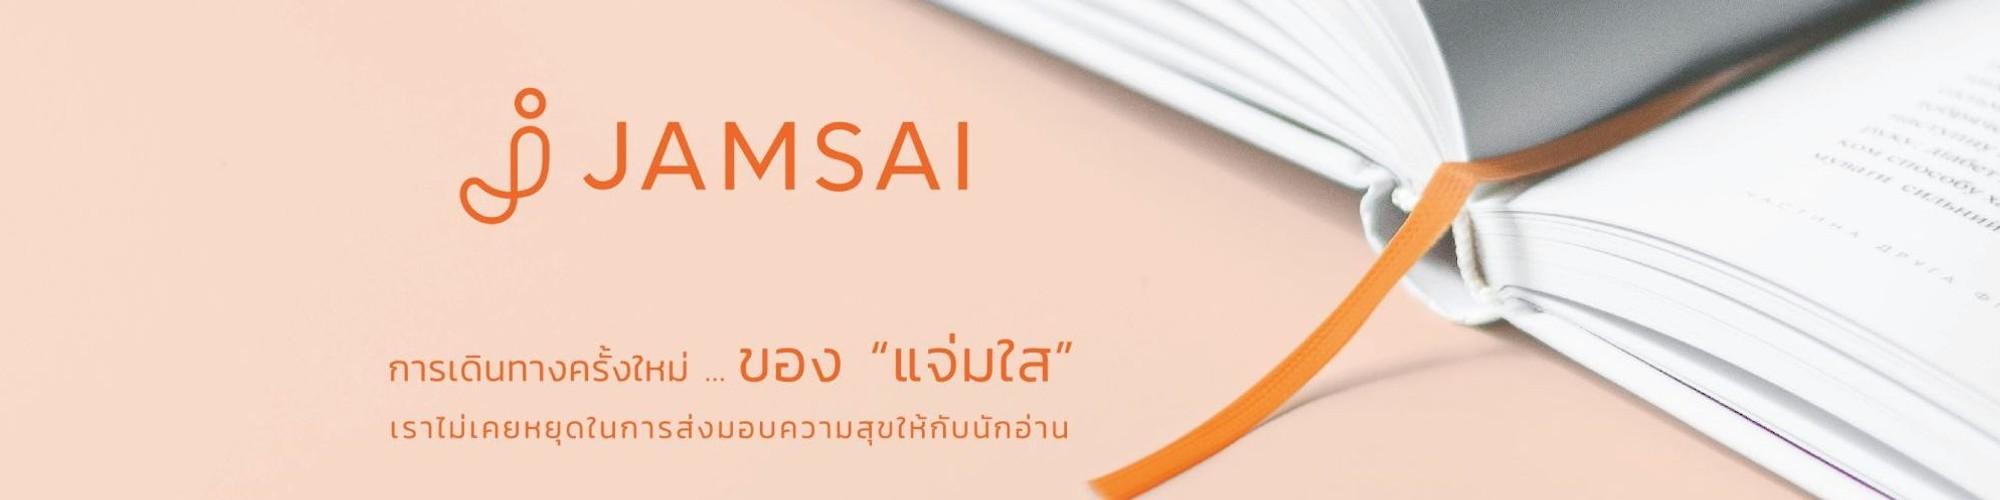 pb-jamsai-book-cover